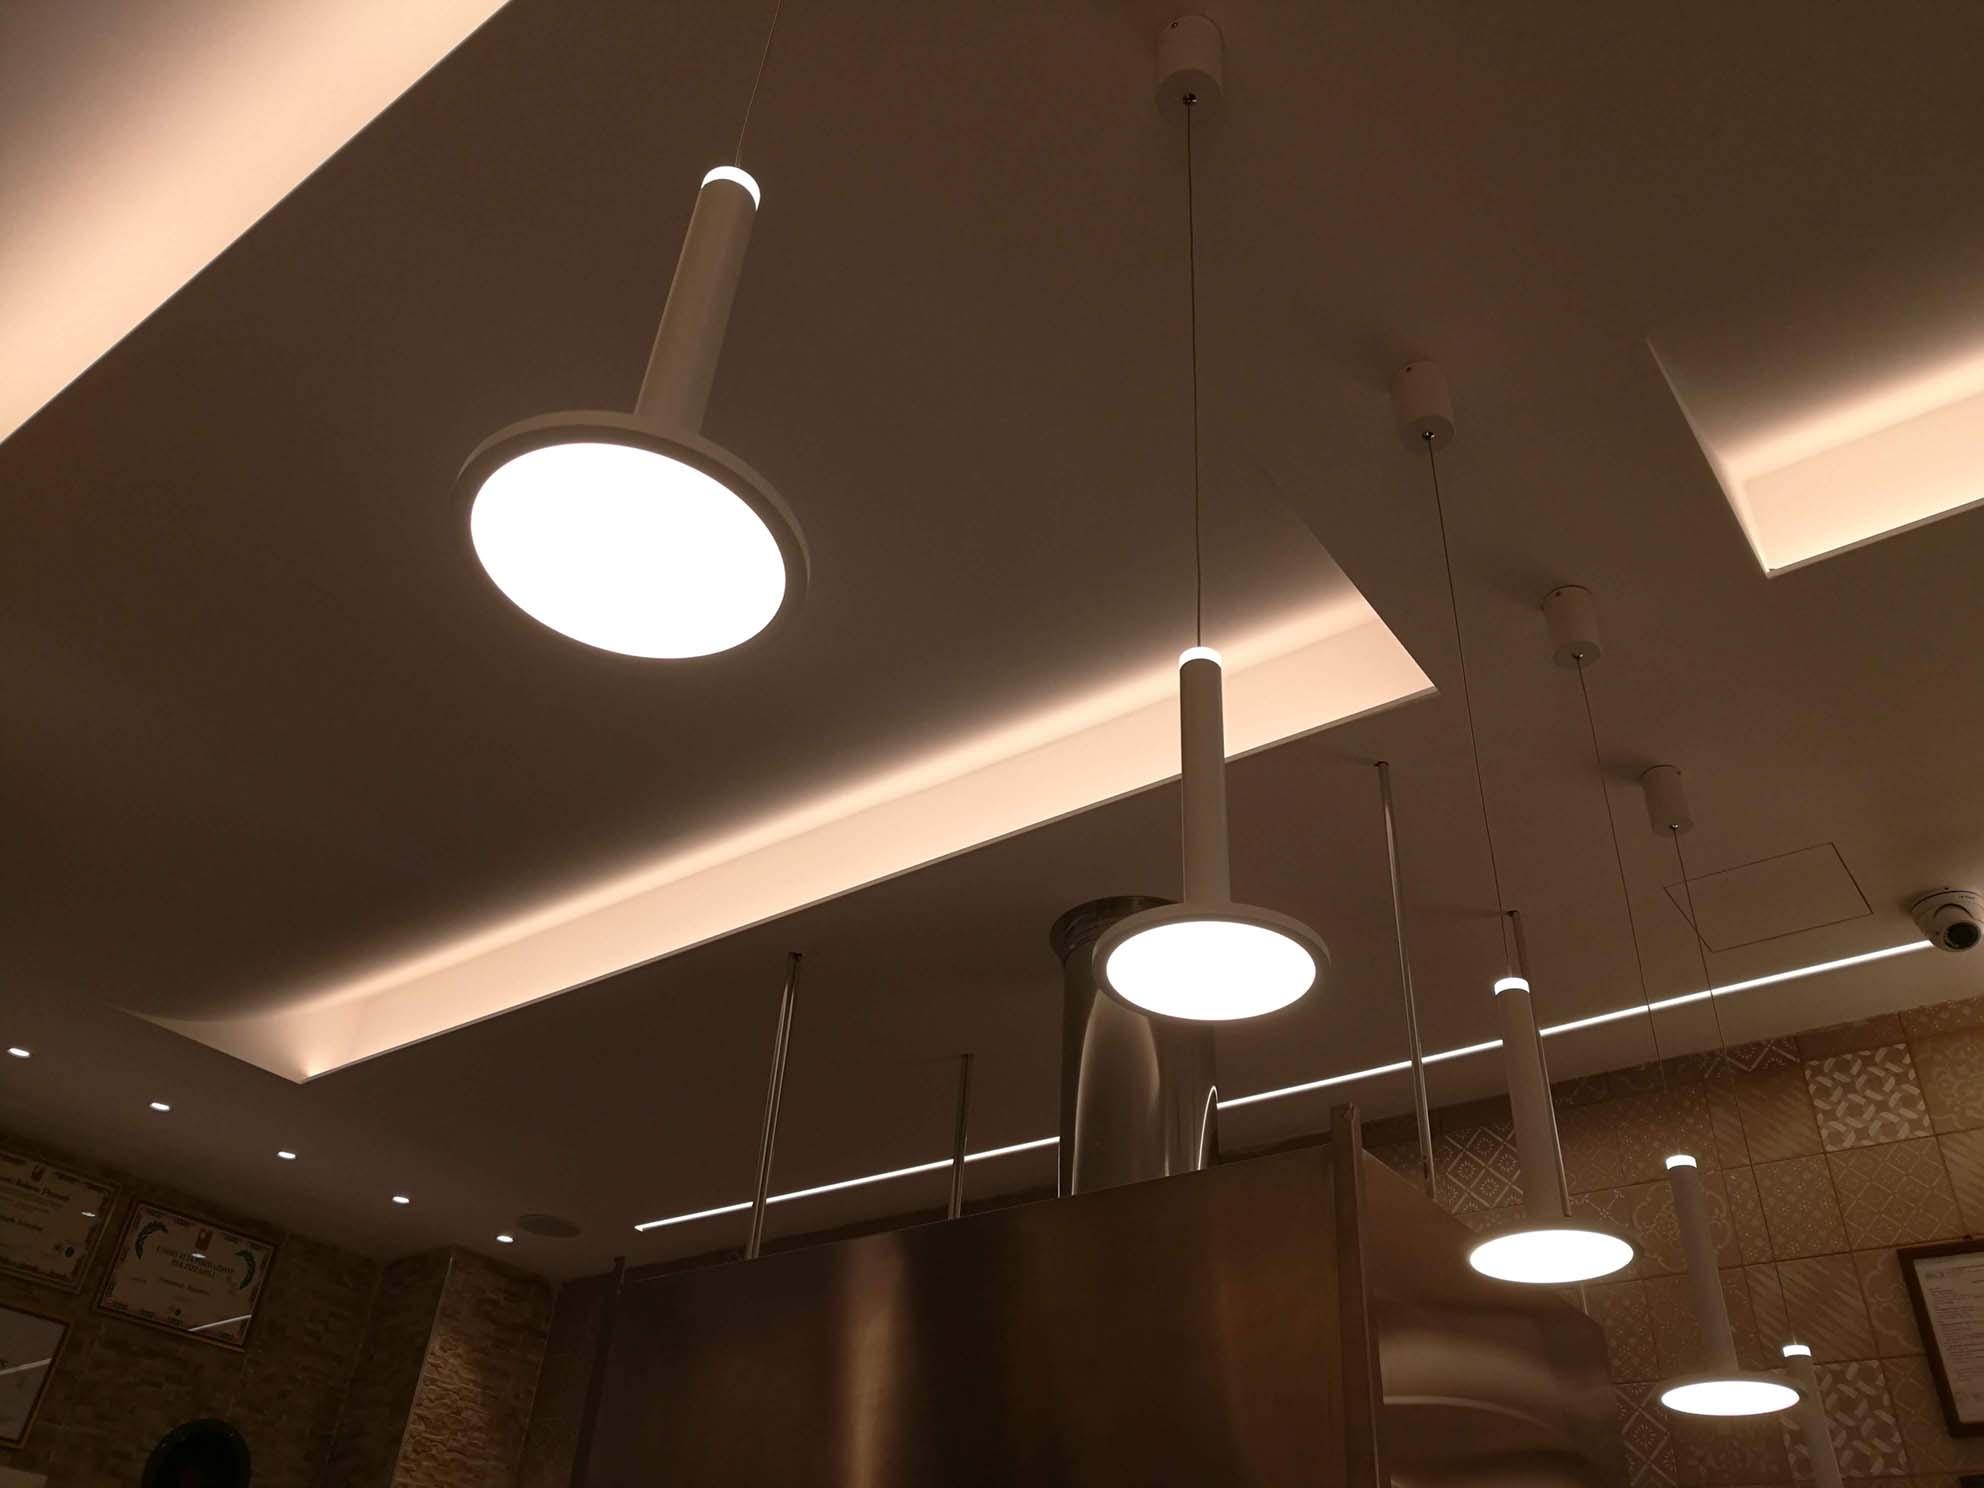 Lampade Per Porticati Esterni locale commerciale, pizzeria progettazione illuminotecnica